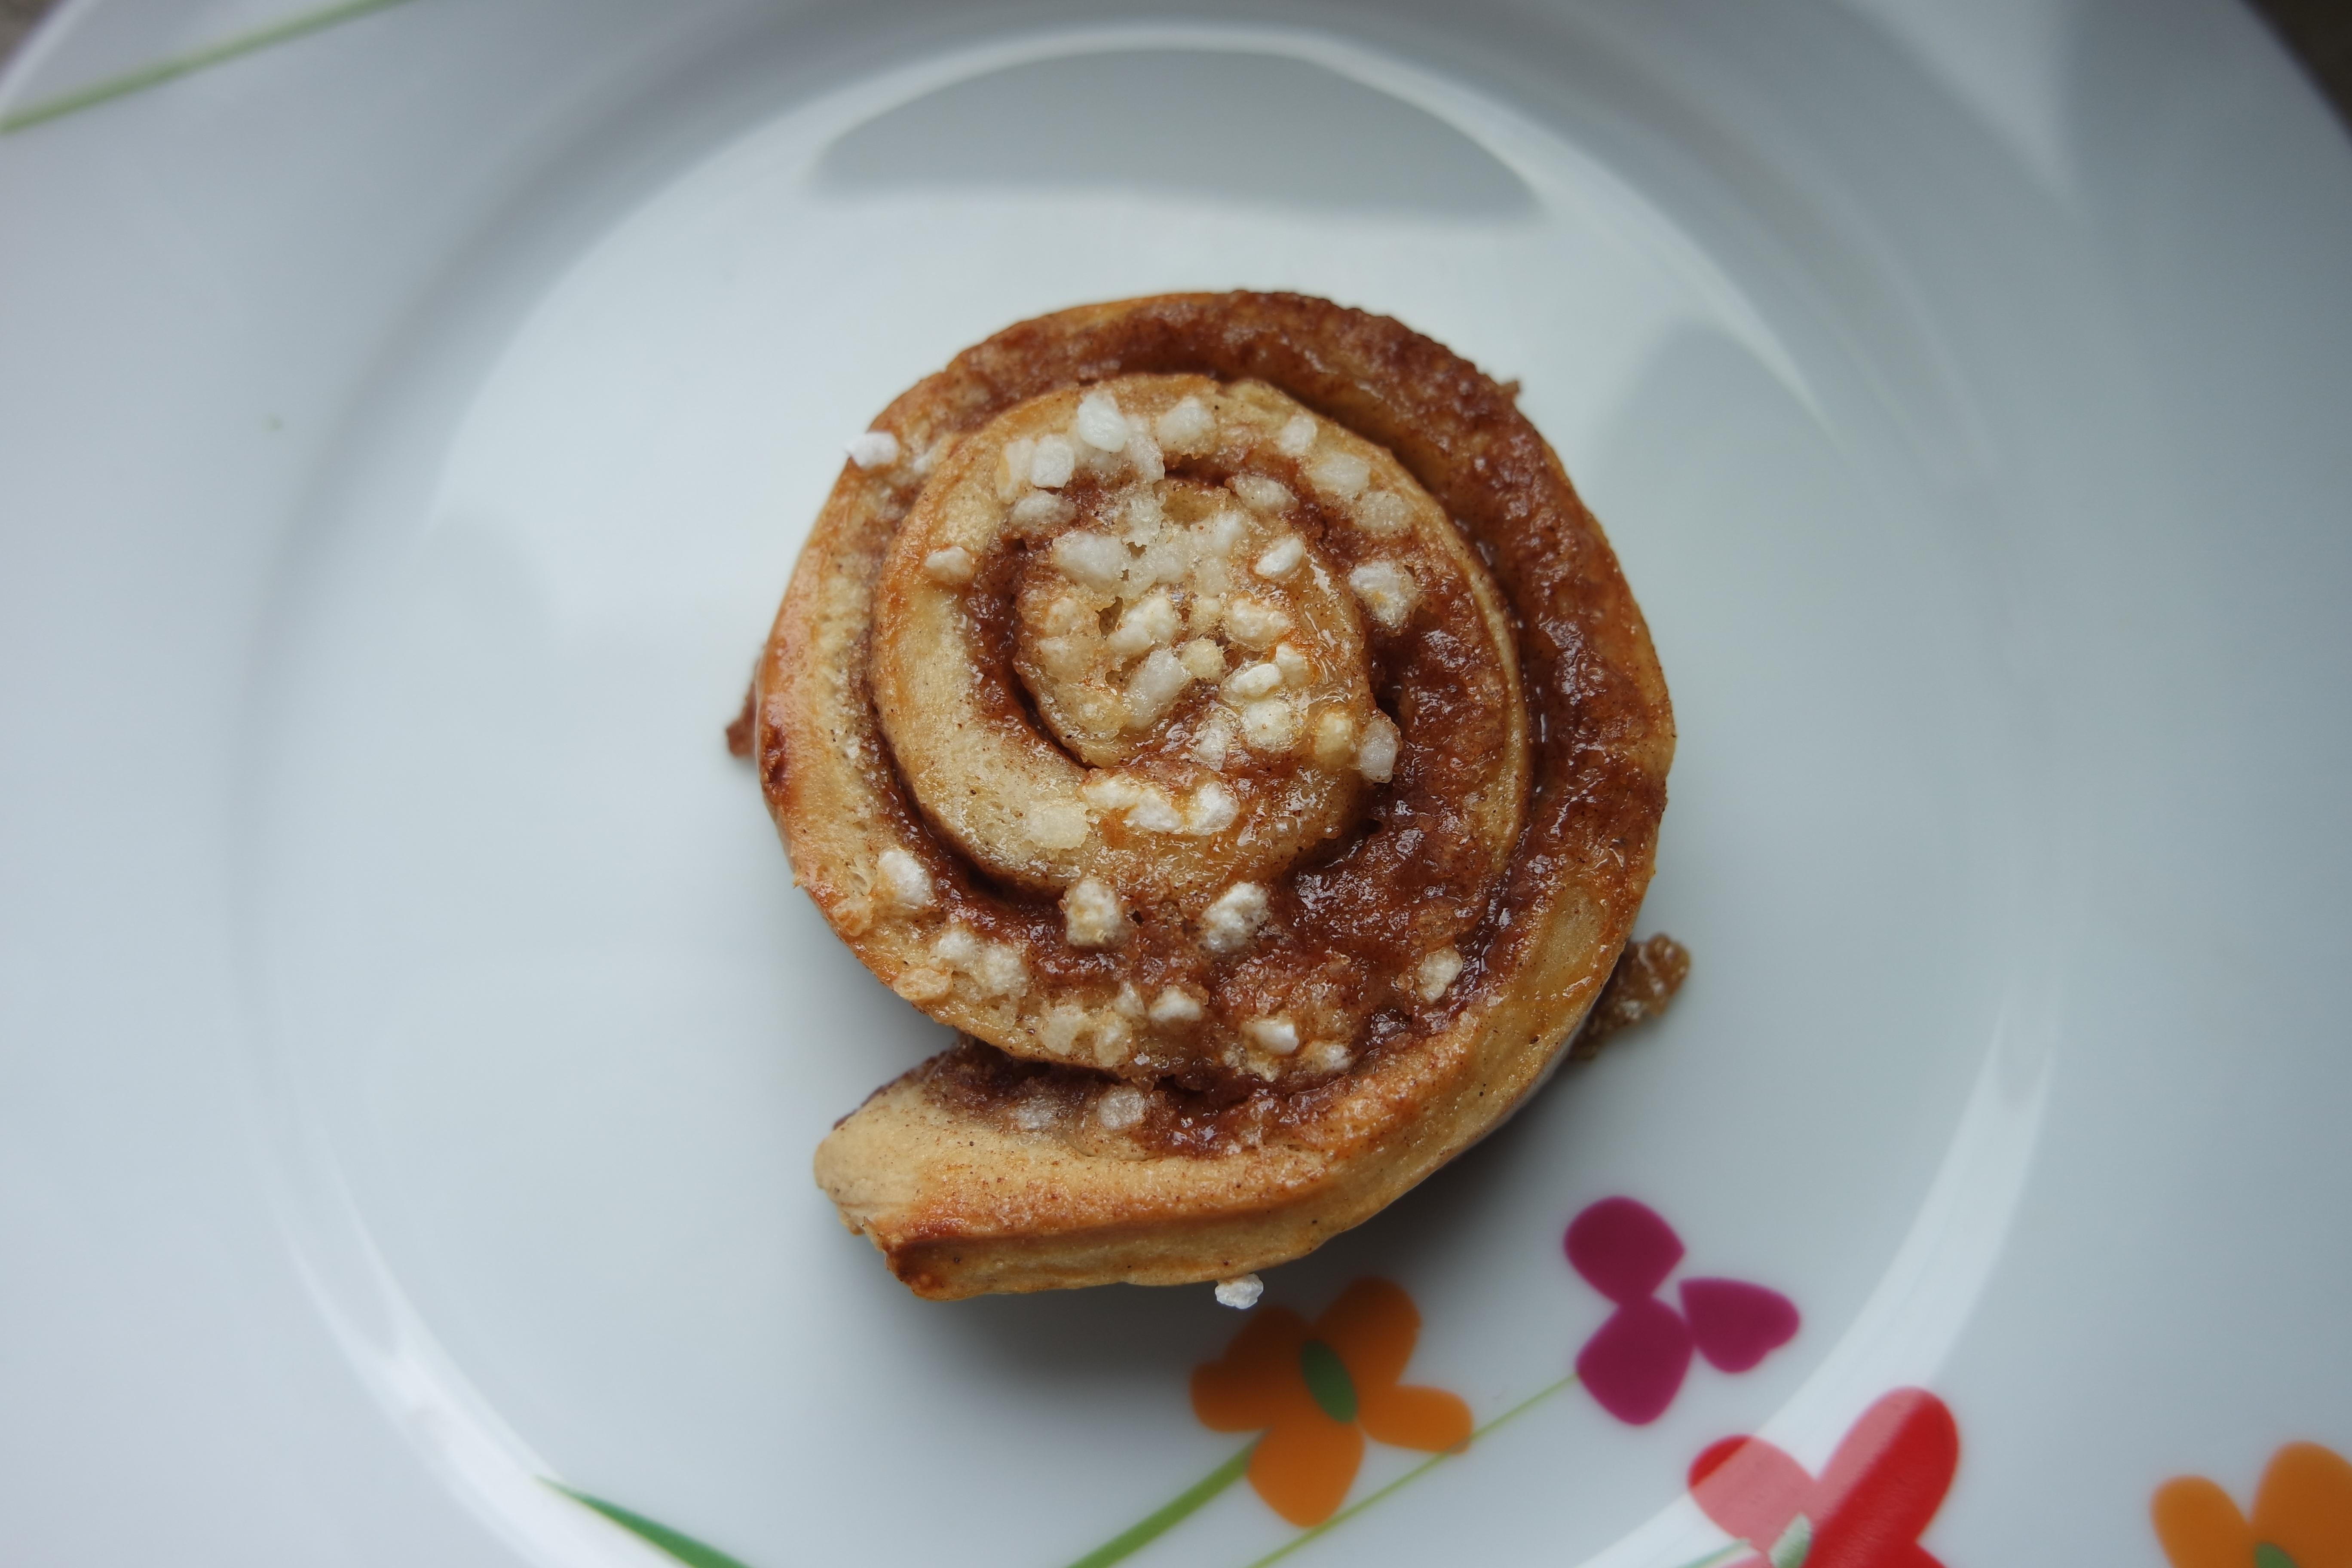 doux plat repas aliments produire déjeuner dessert cuisine cannelle des  pâtisseries Produits de boulangerie saveur snack